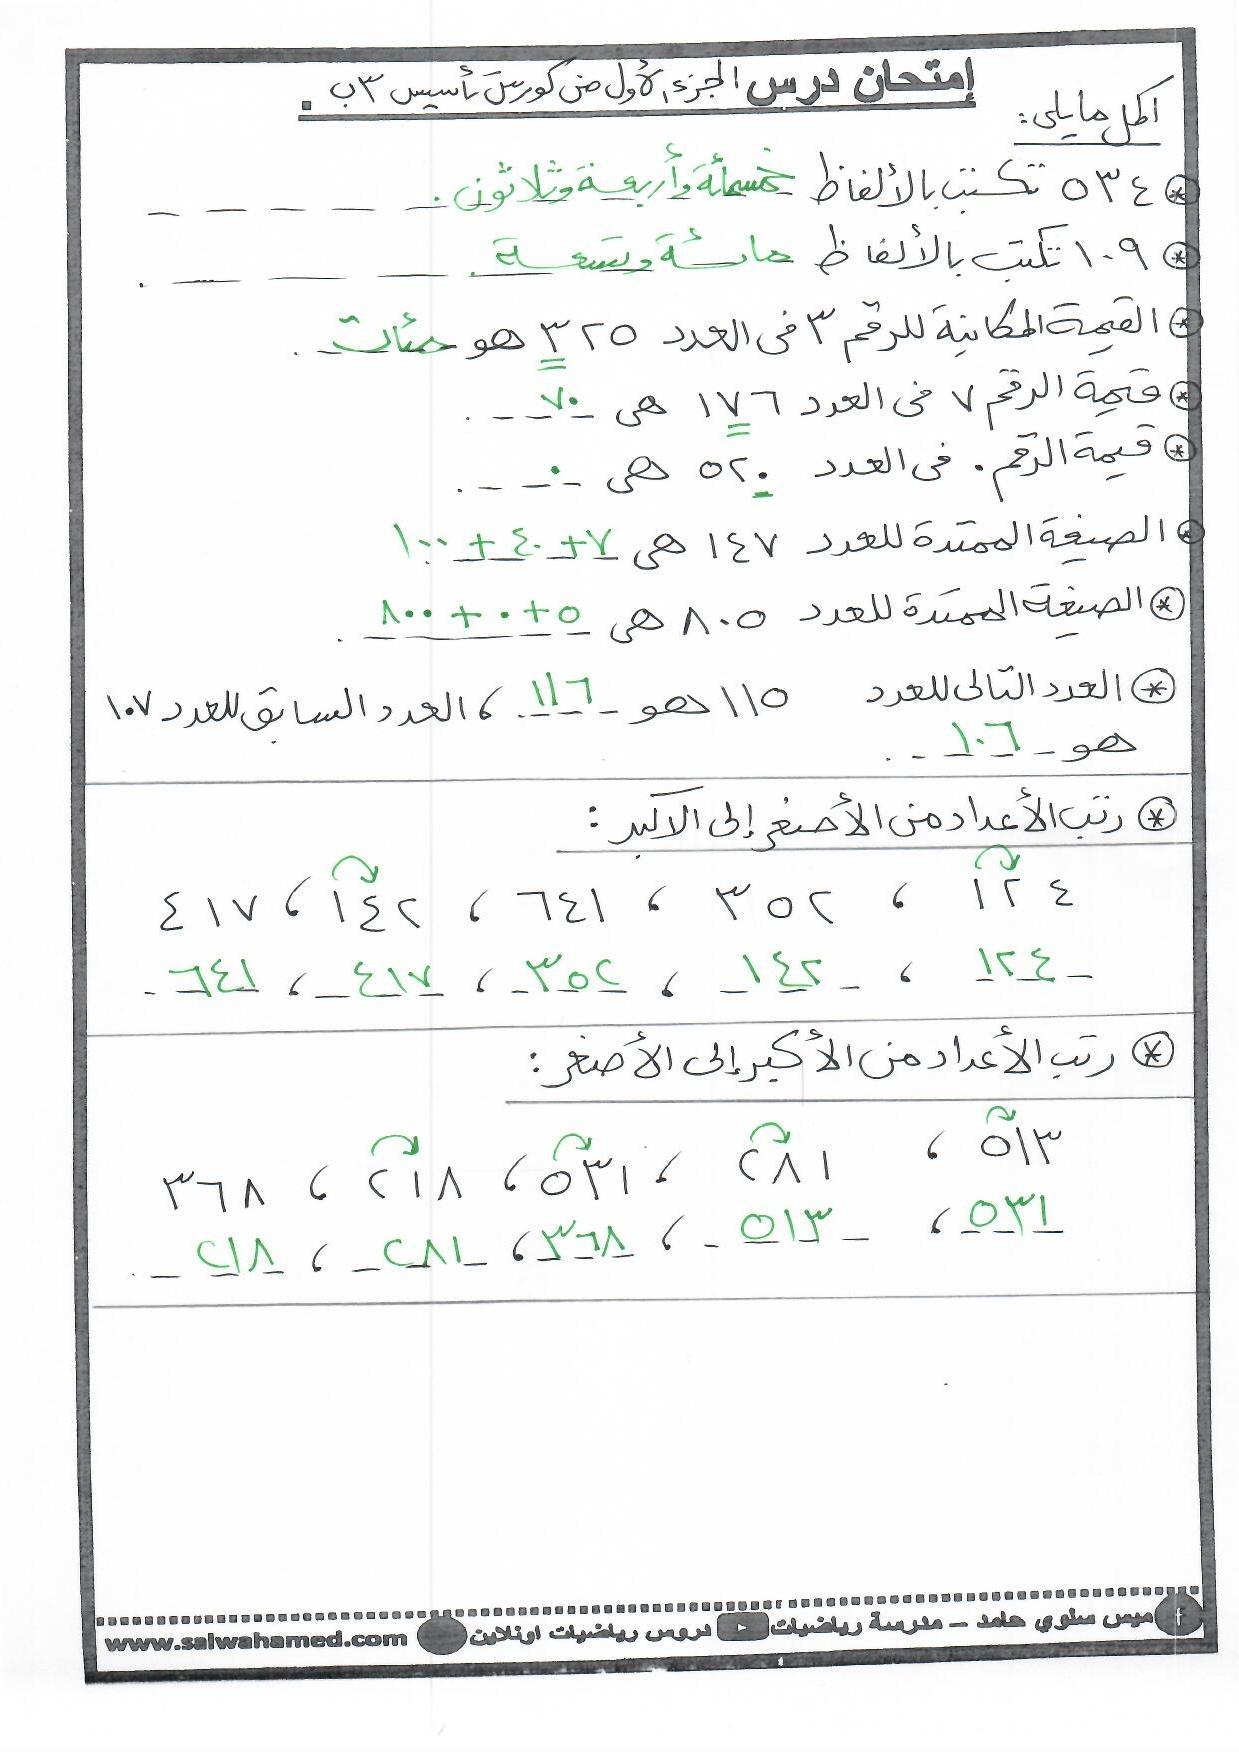 نموذج اجابة امتحان الجزء الاول تاسيس 3ب